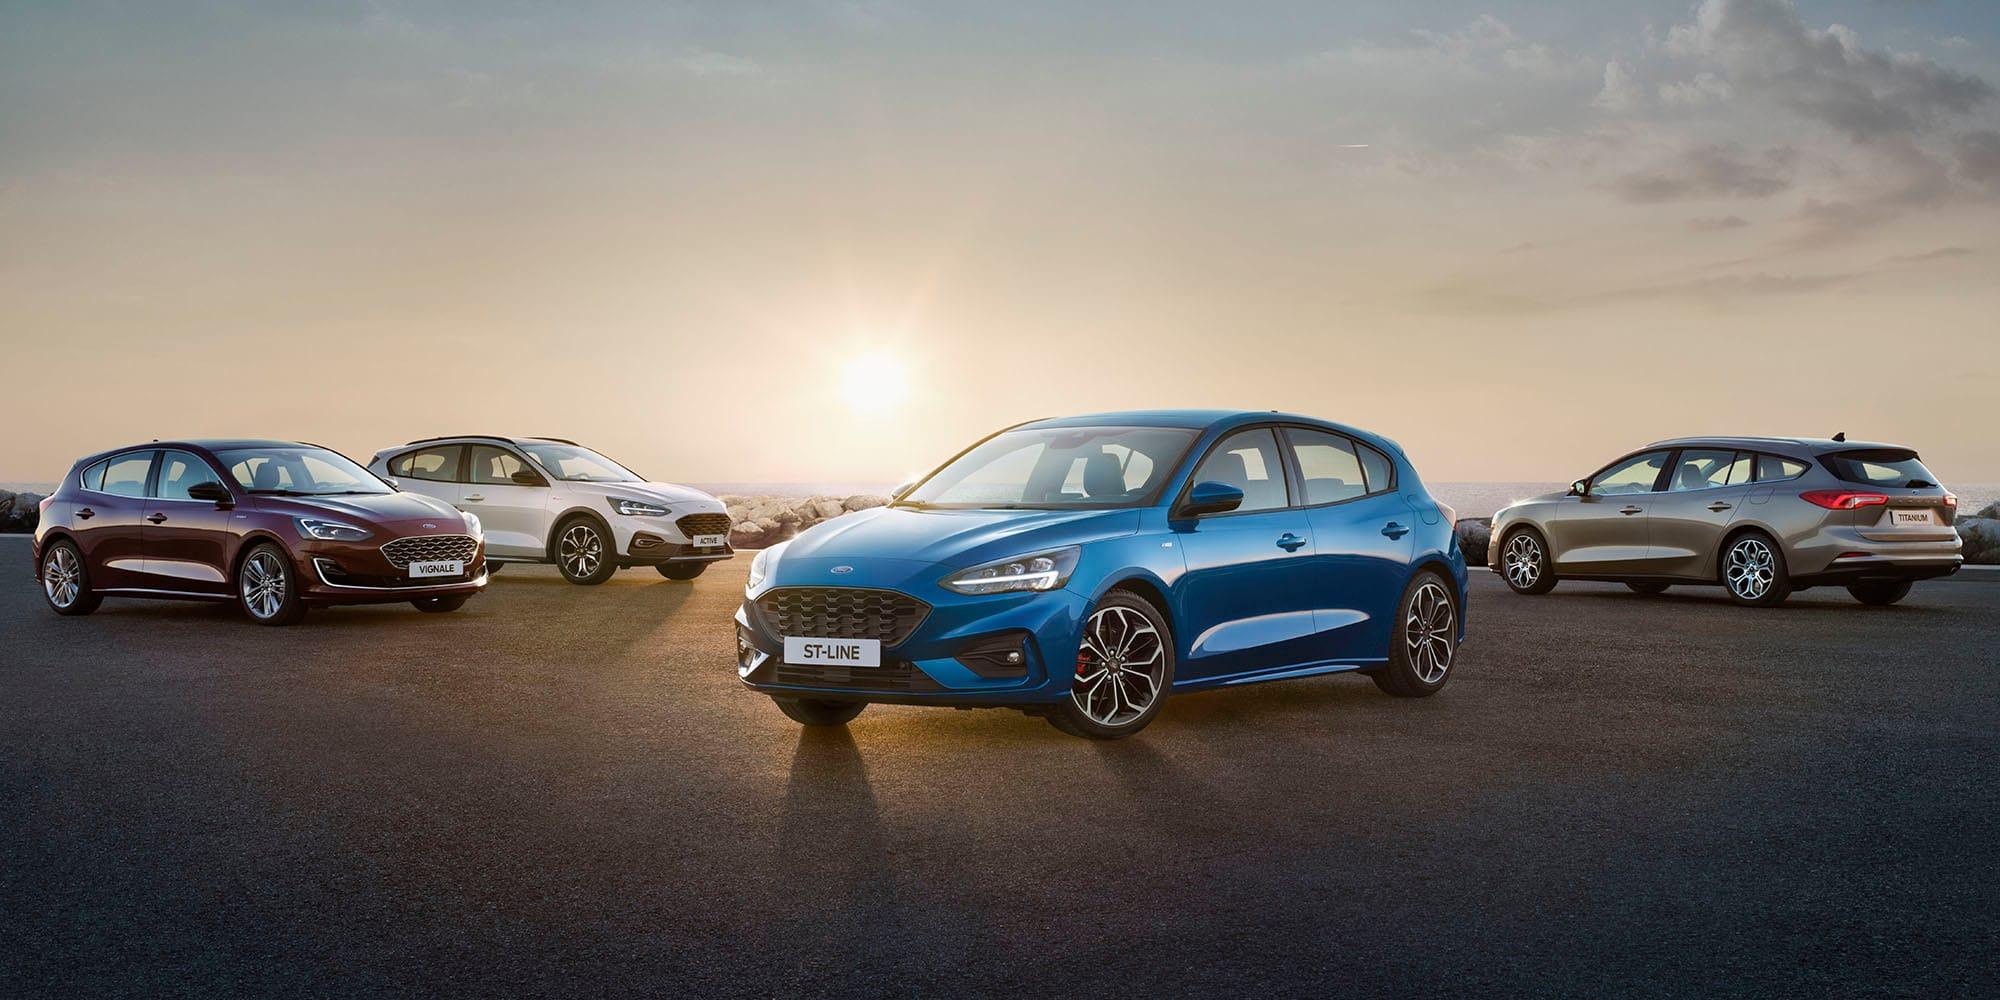 2019 ford focus range